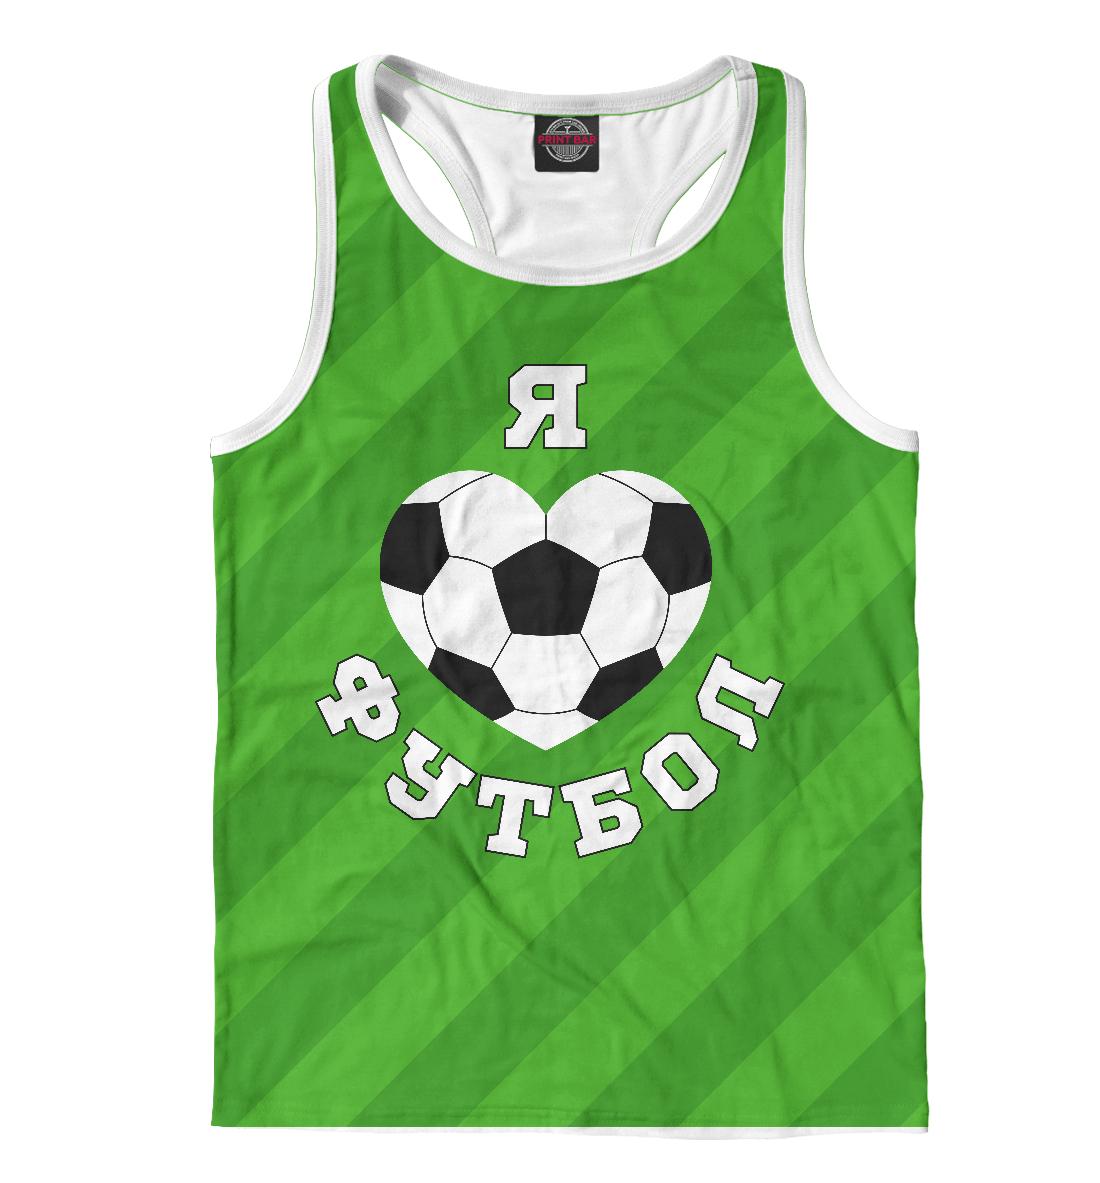 Купить Я люблю футбол, Printbar, Майки борцовки, FTO-960307-mayb-2